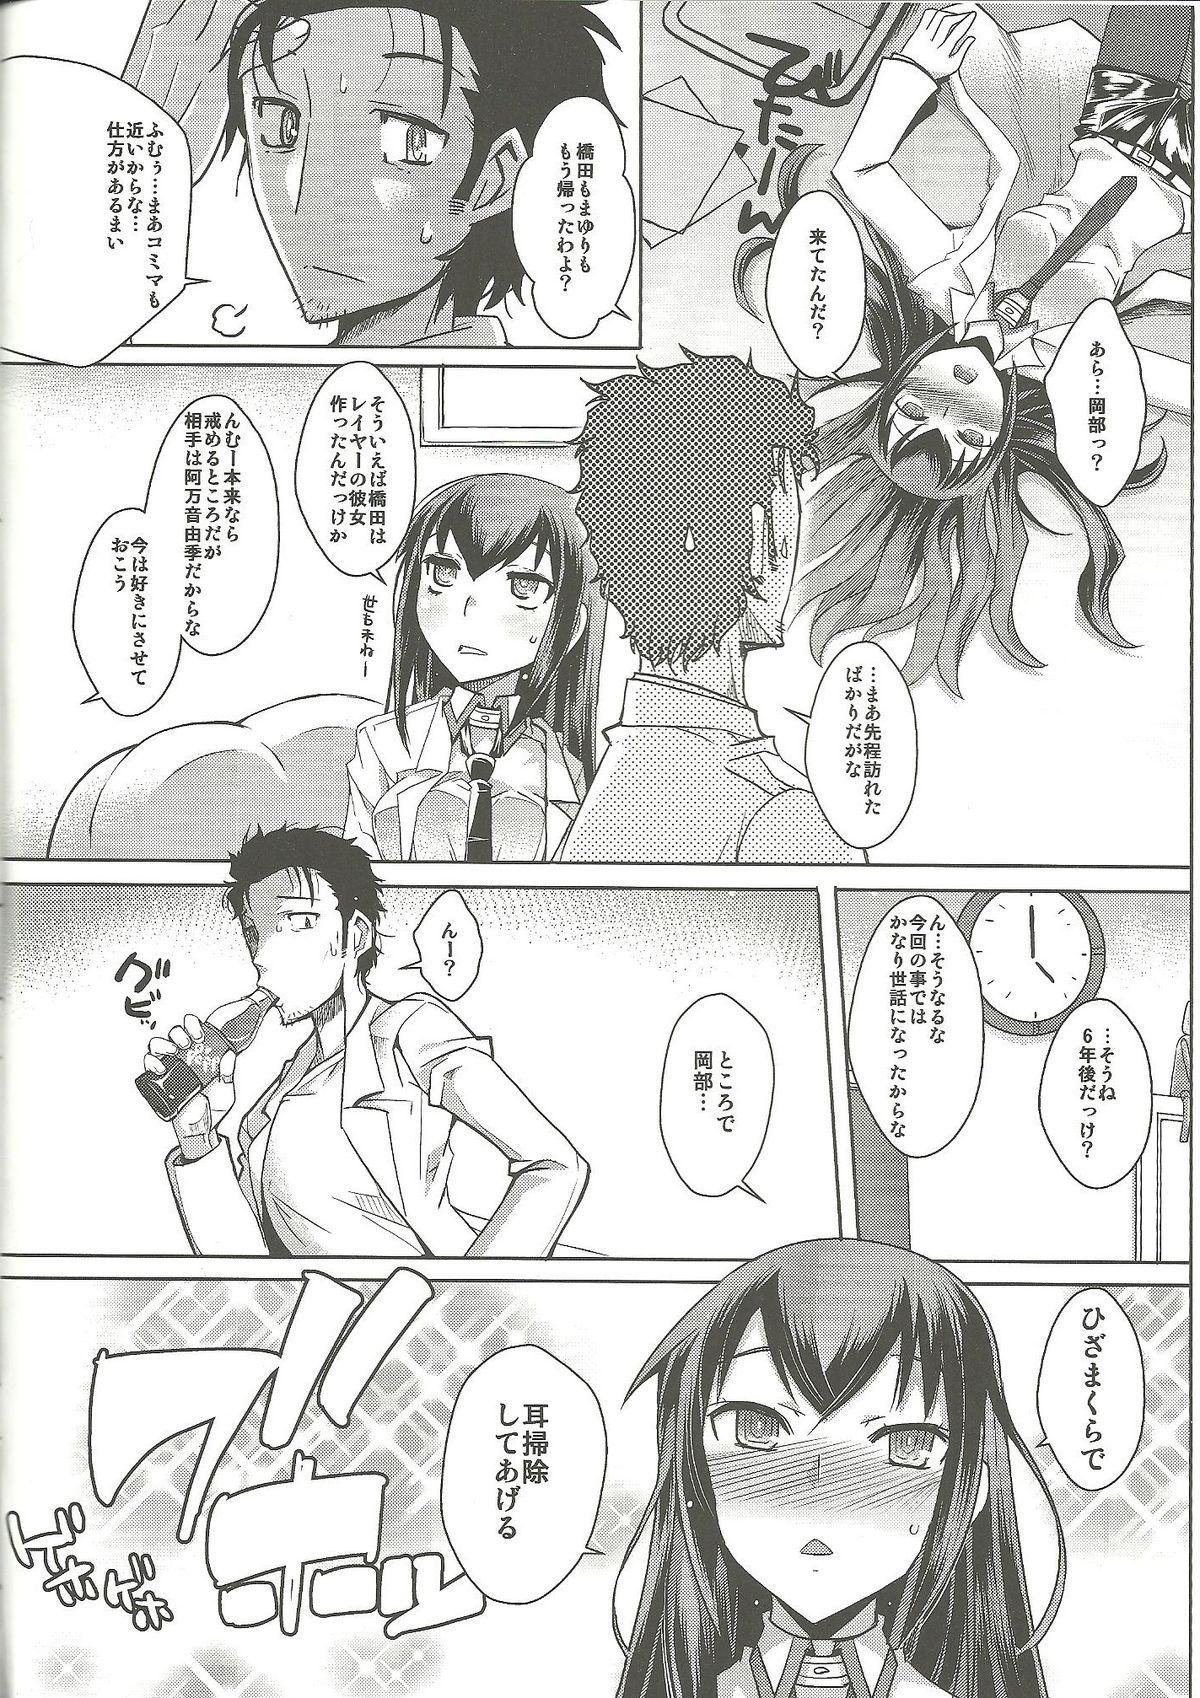 Toutatsu Koi Sekai no Execution 3